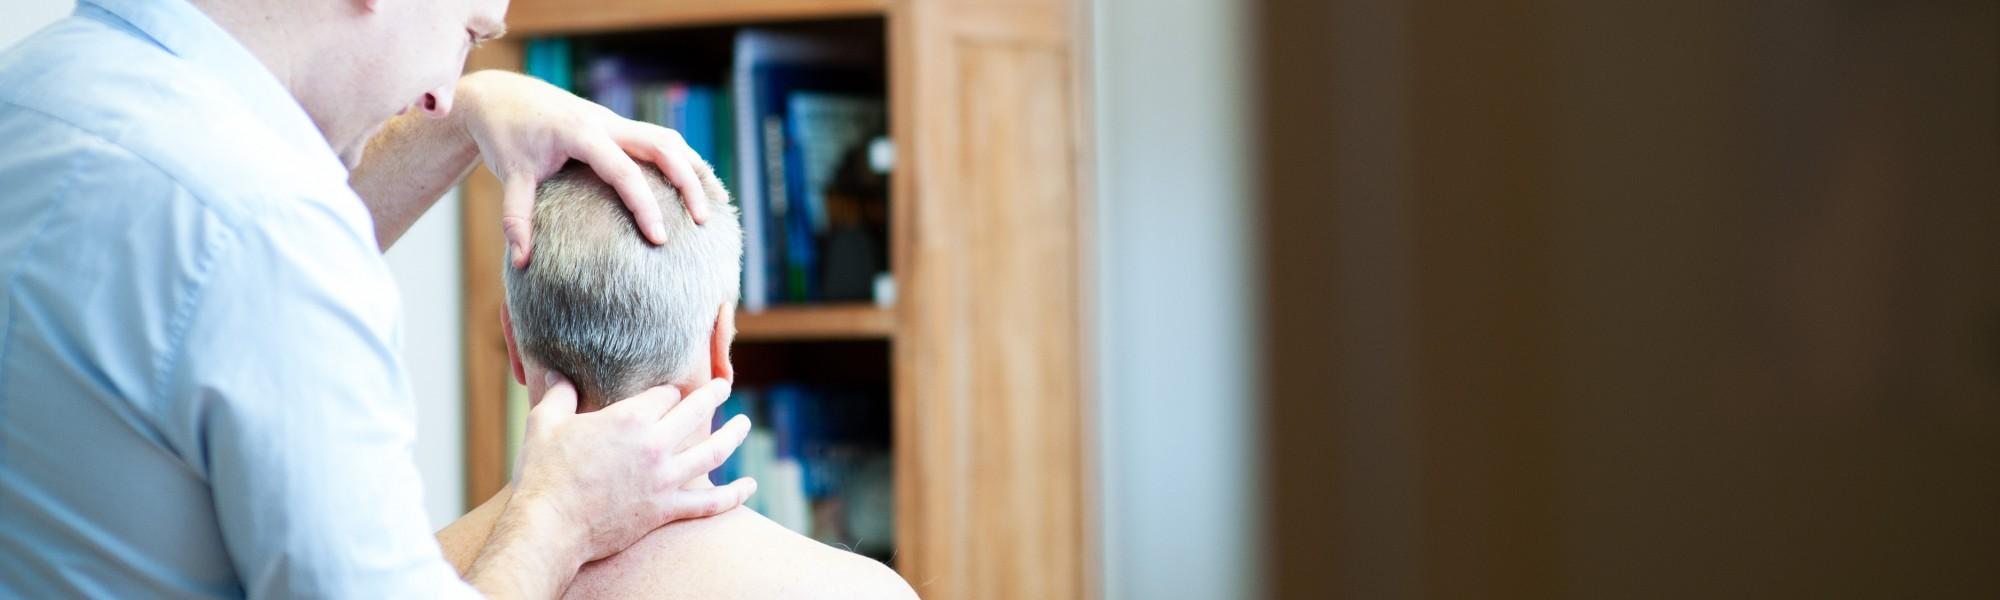 Fysiotherapie Driebergen Hoofdpijn